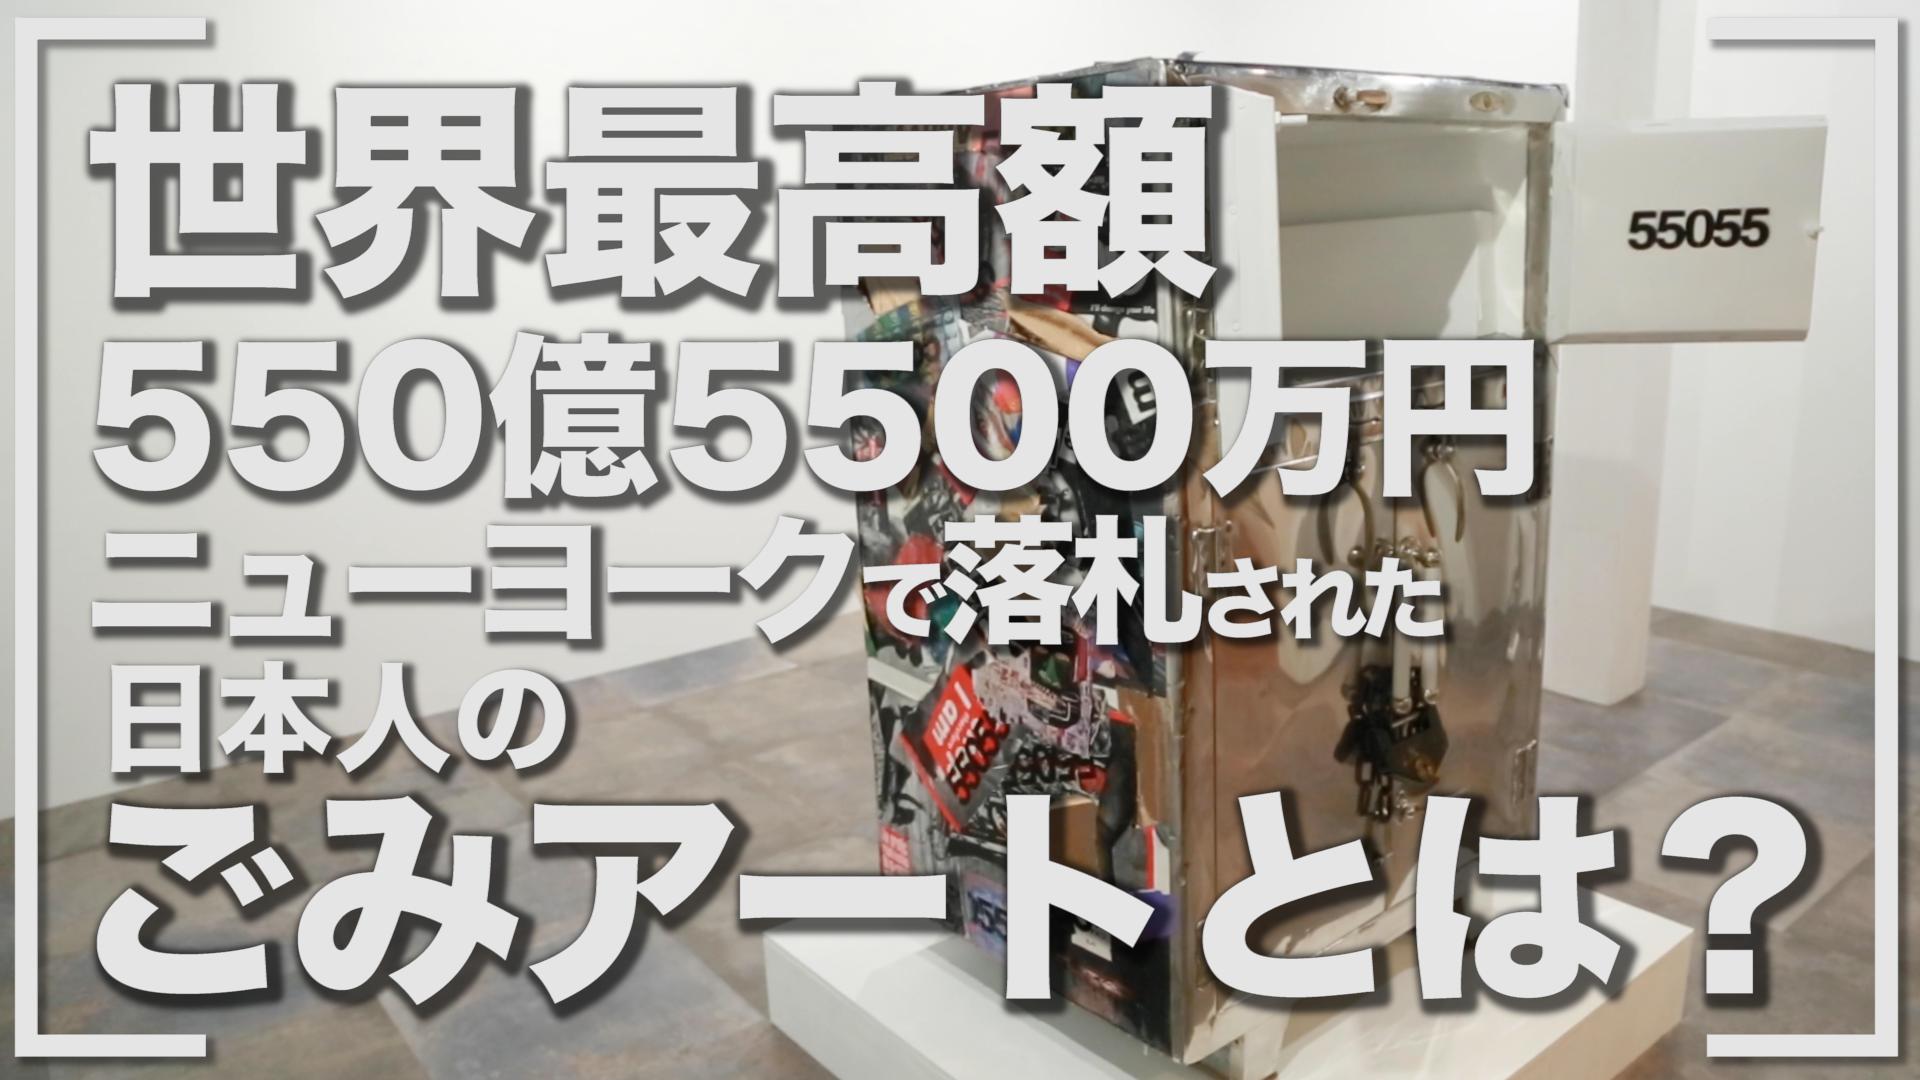 [ 世界最高額 550億5500万円 ニューヨークで落札された 日本人 ごみアート とは?]